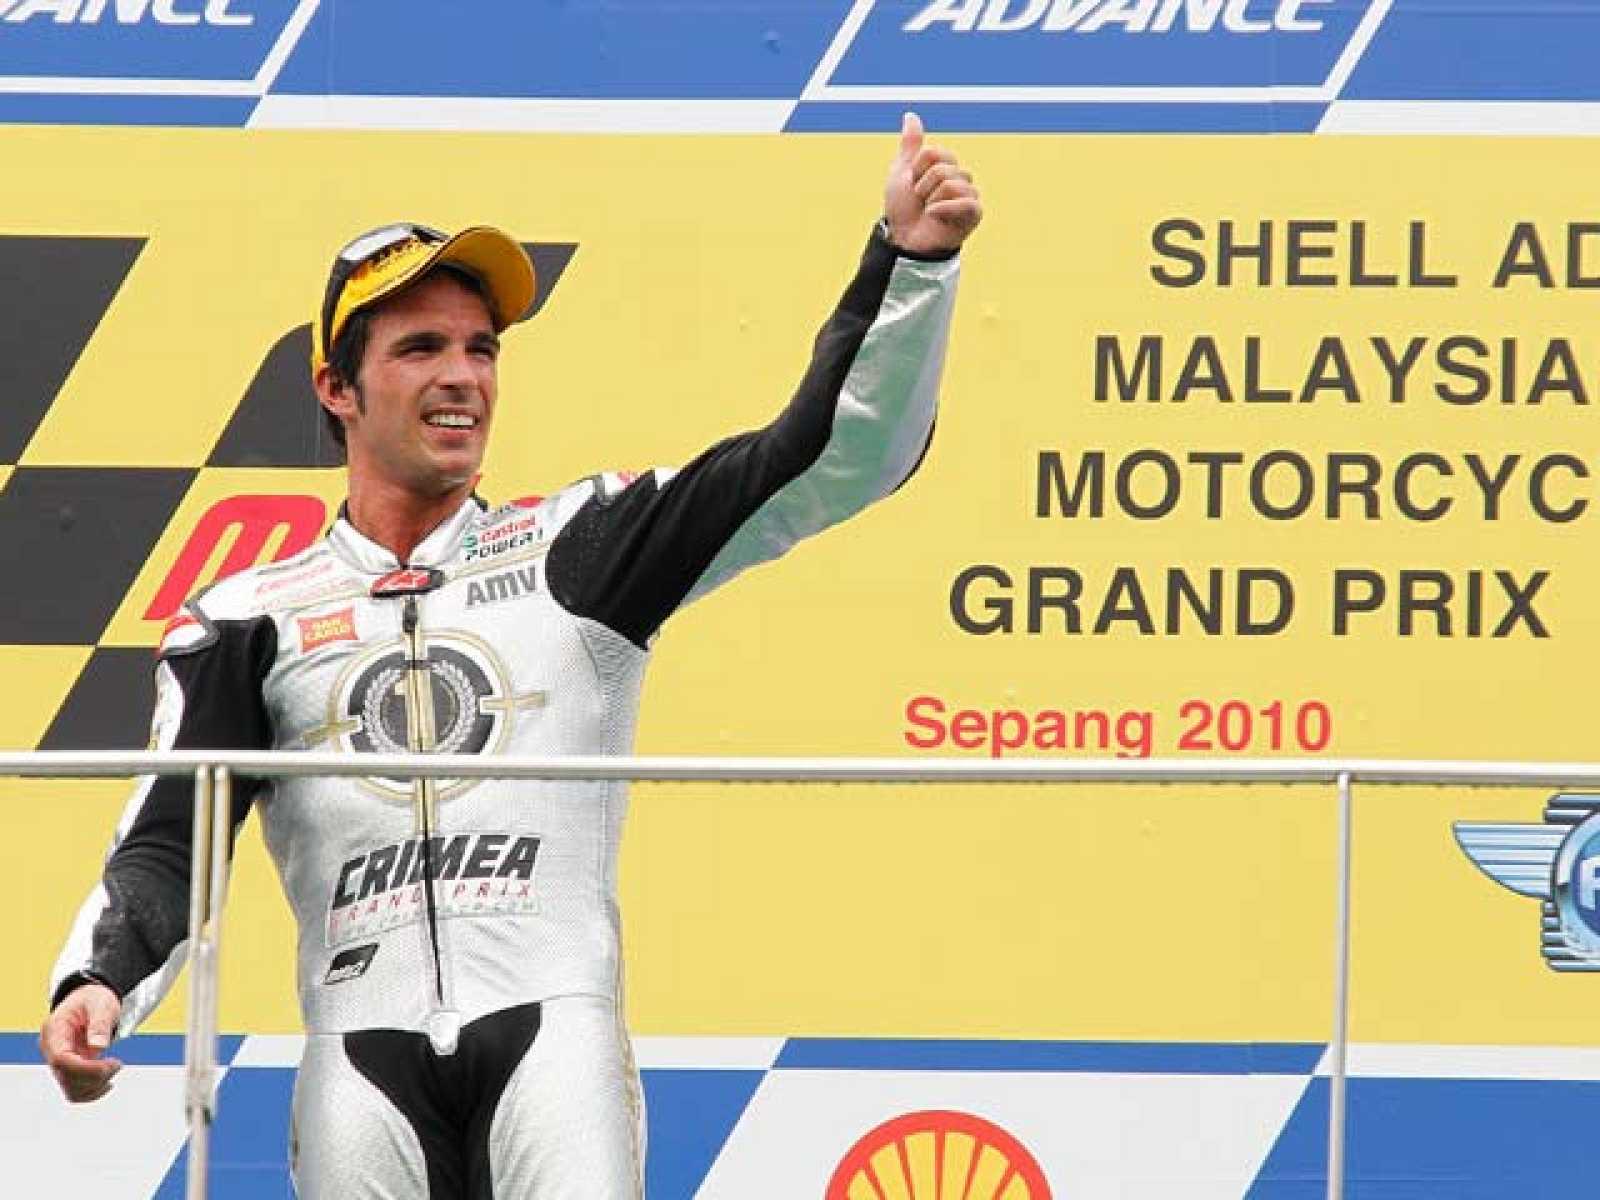 El piloto español Toni Elías se convirtió en el primer campeón del mundo de la categoría de Moto2.